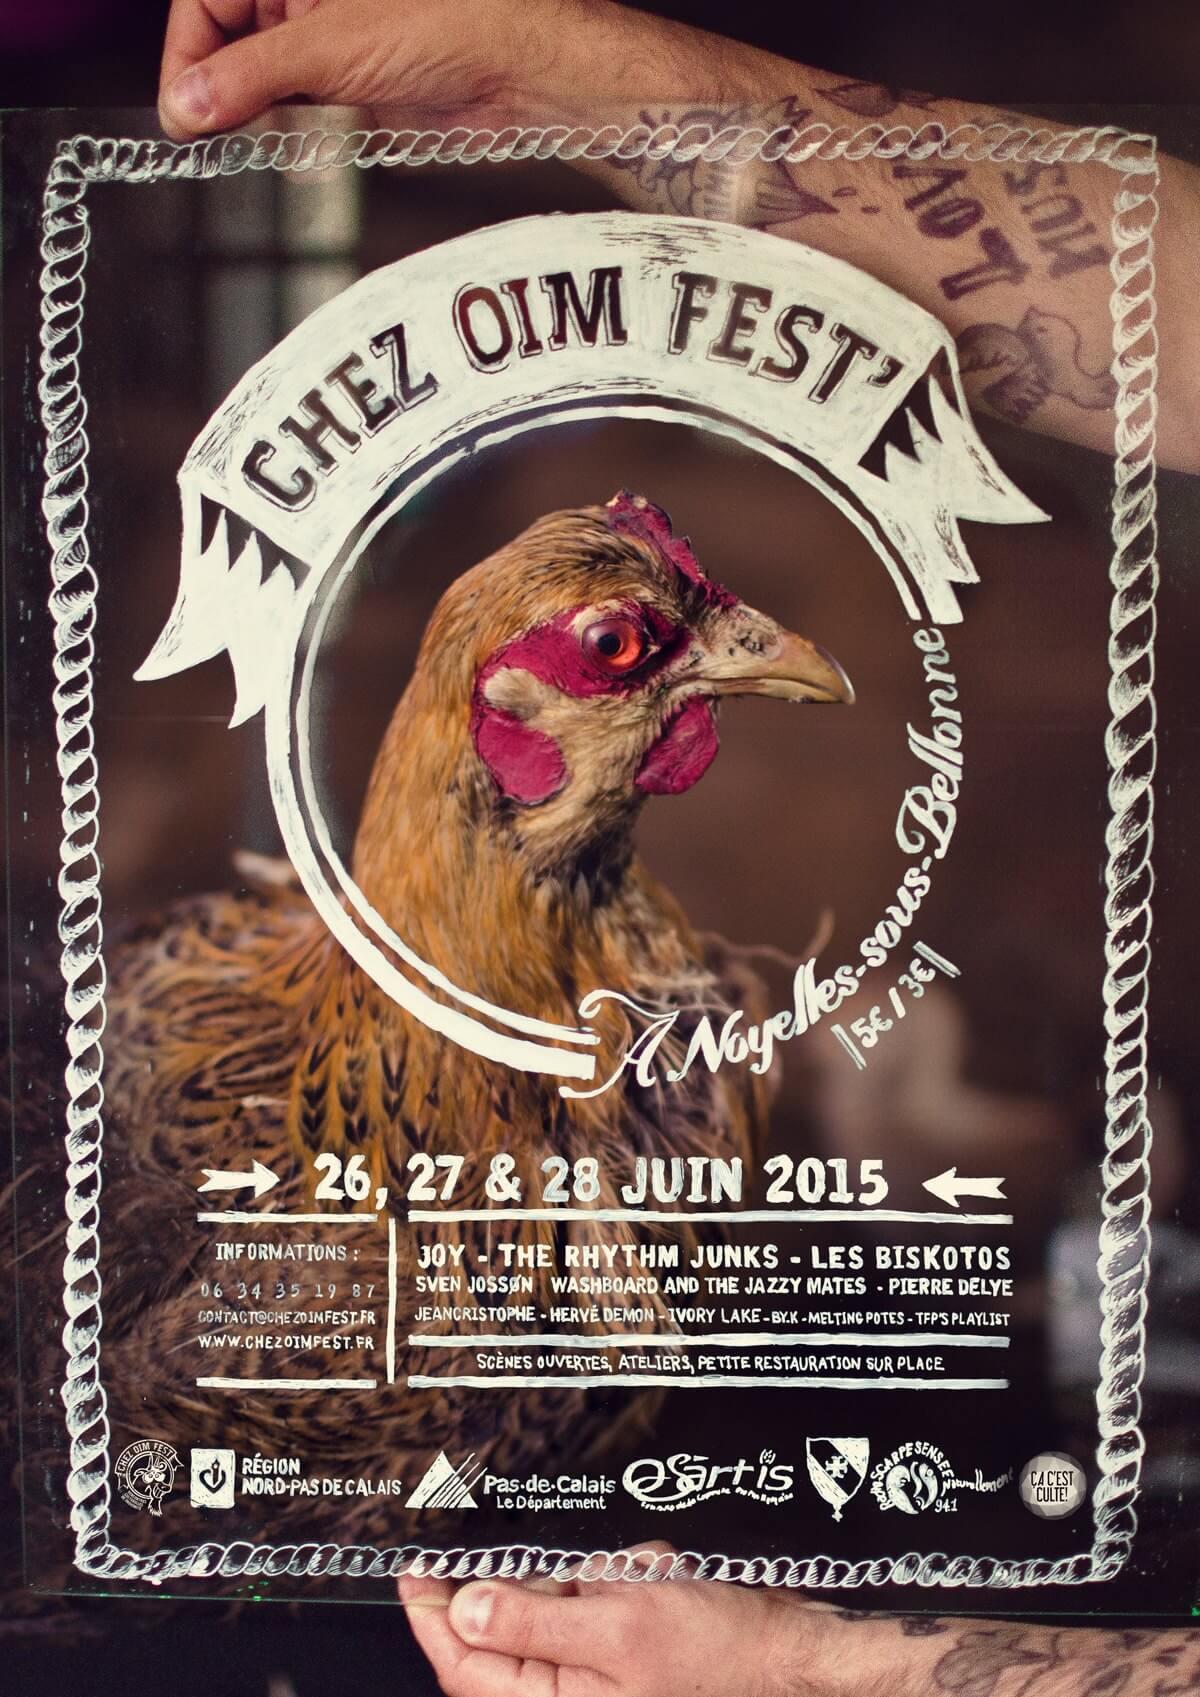 chez oim fest 2015 noyelles cacestculte festival